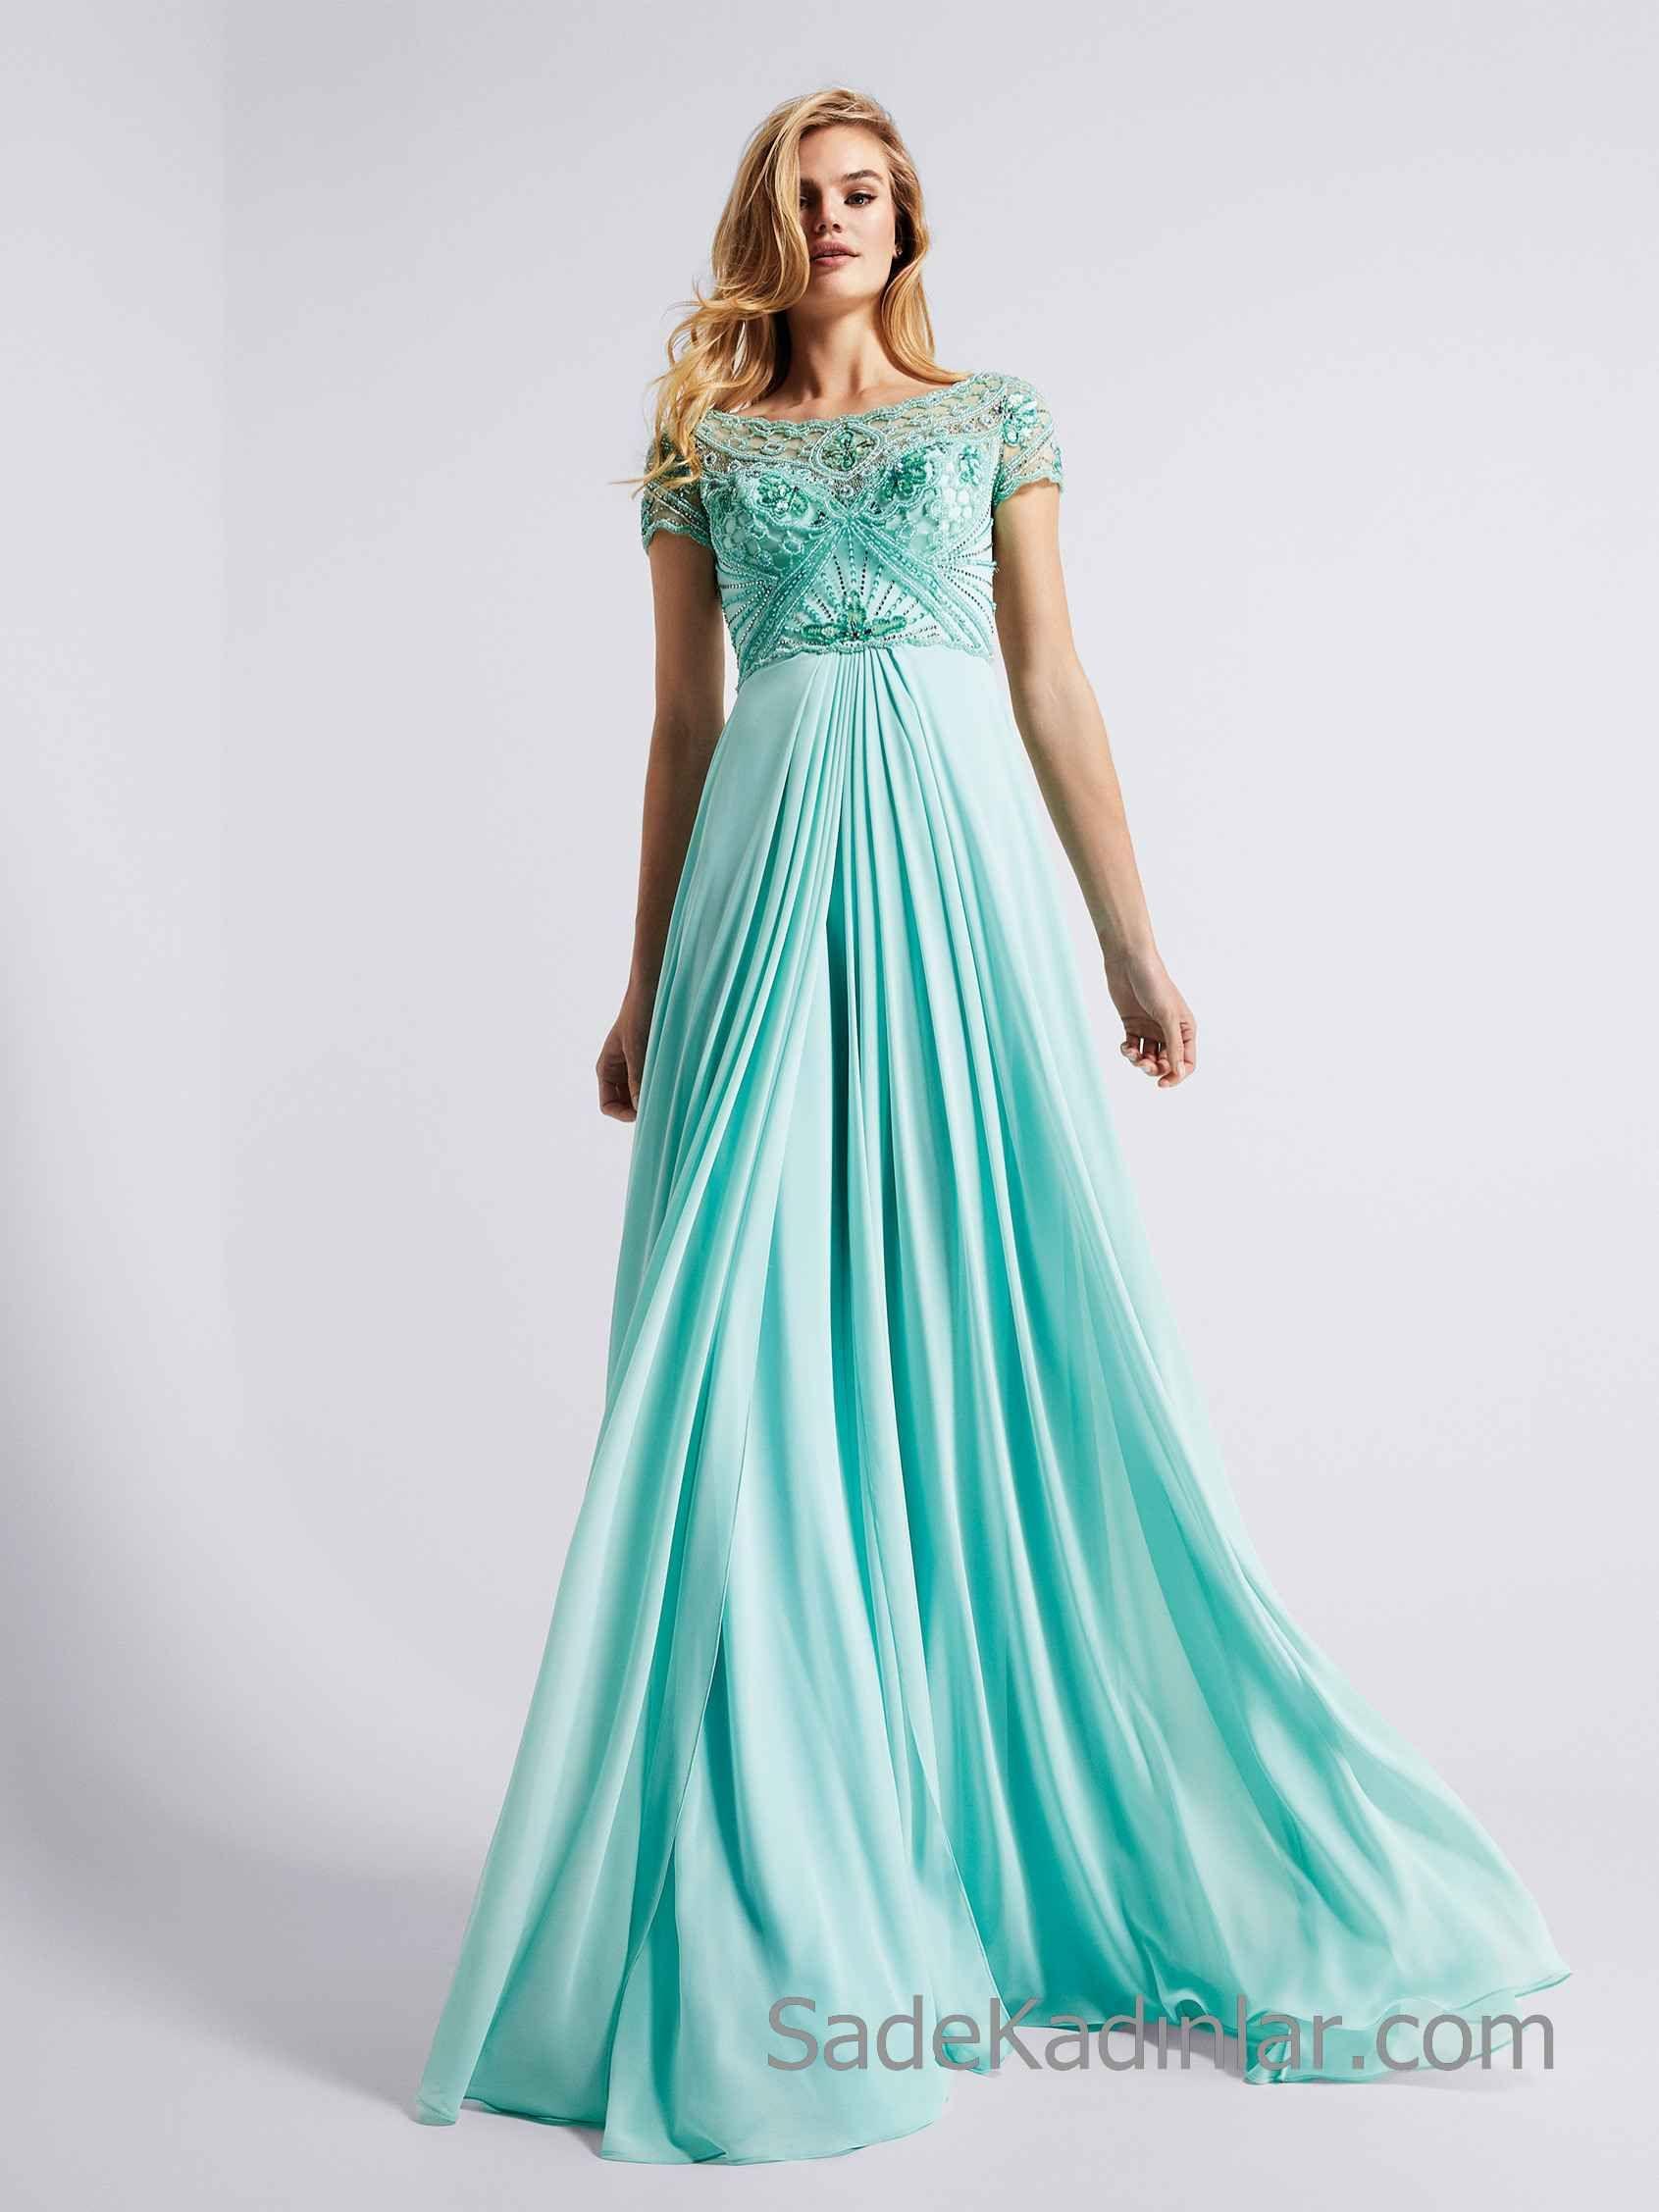 Pronovias 2020 Abiye Elbise Modelleri Su Yesili Uzun Kisa Kollu Kayik Yaka Boncuk Islemeli Balo Elbiseleri Balo Elbisesi The Dress